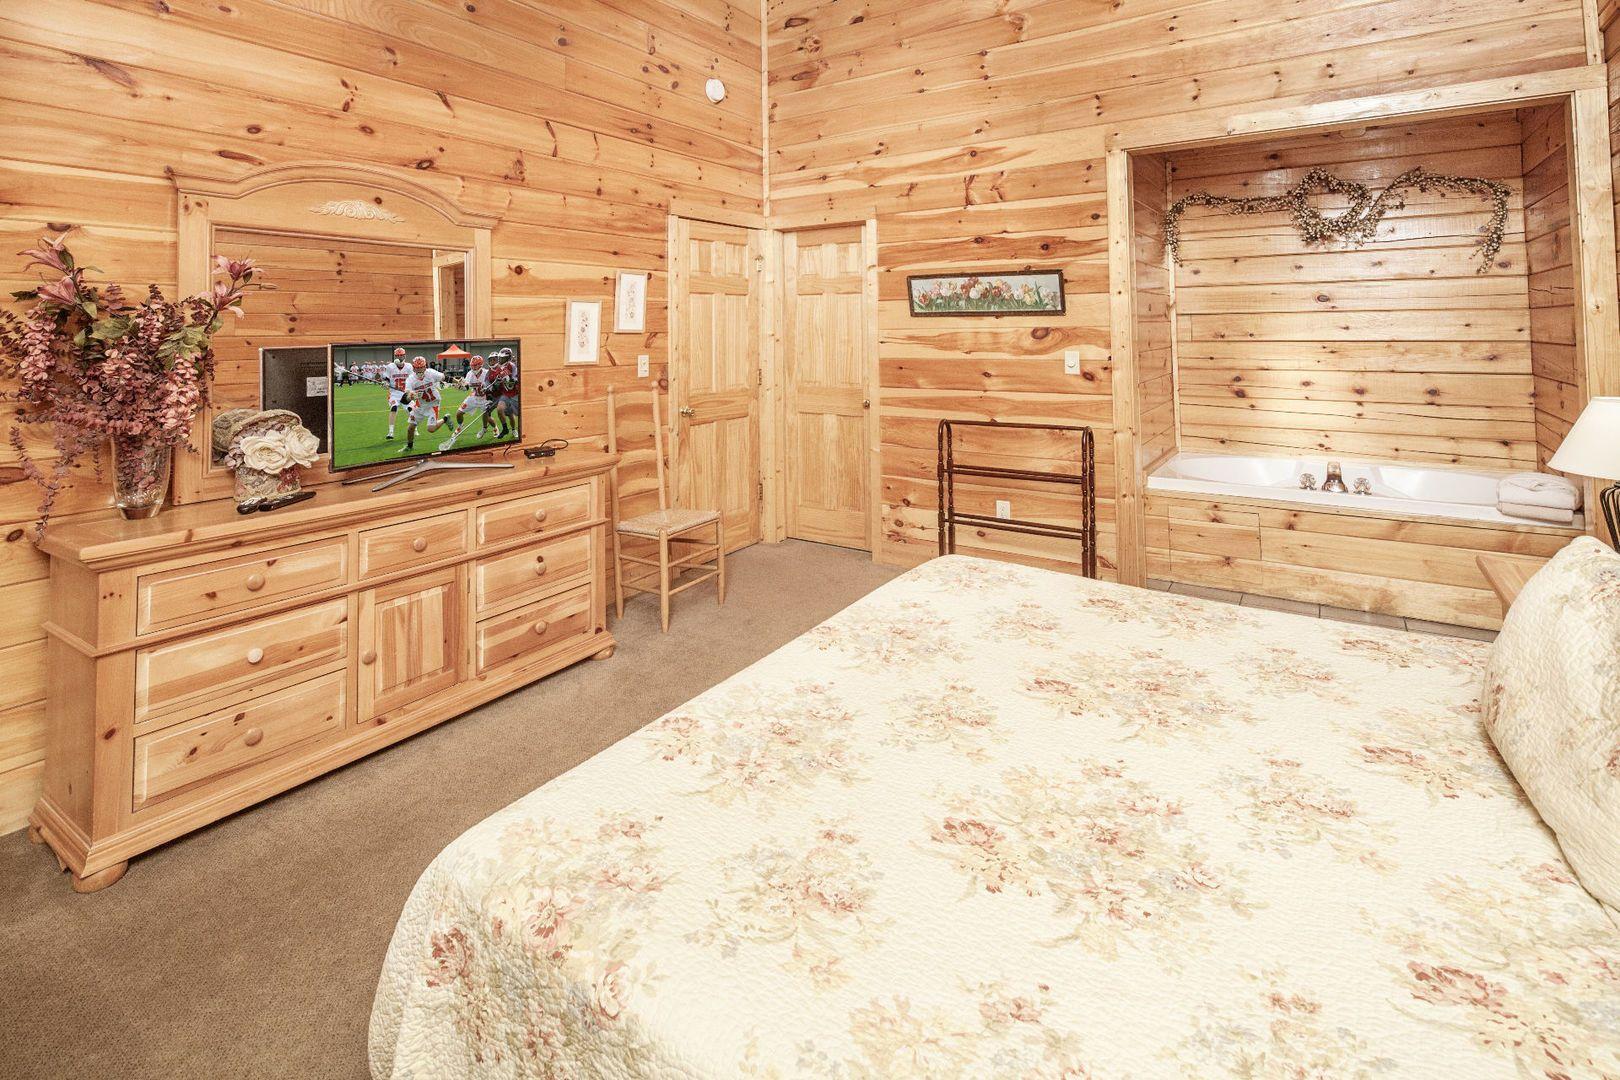 Master bedroom jacuzzi designs  Chanticleer  In the master bedroom youull find a bedside Jacuzzi